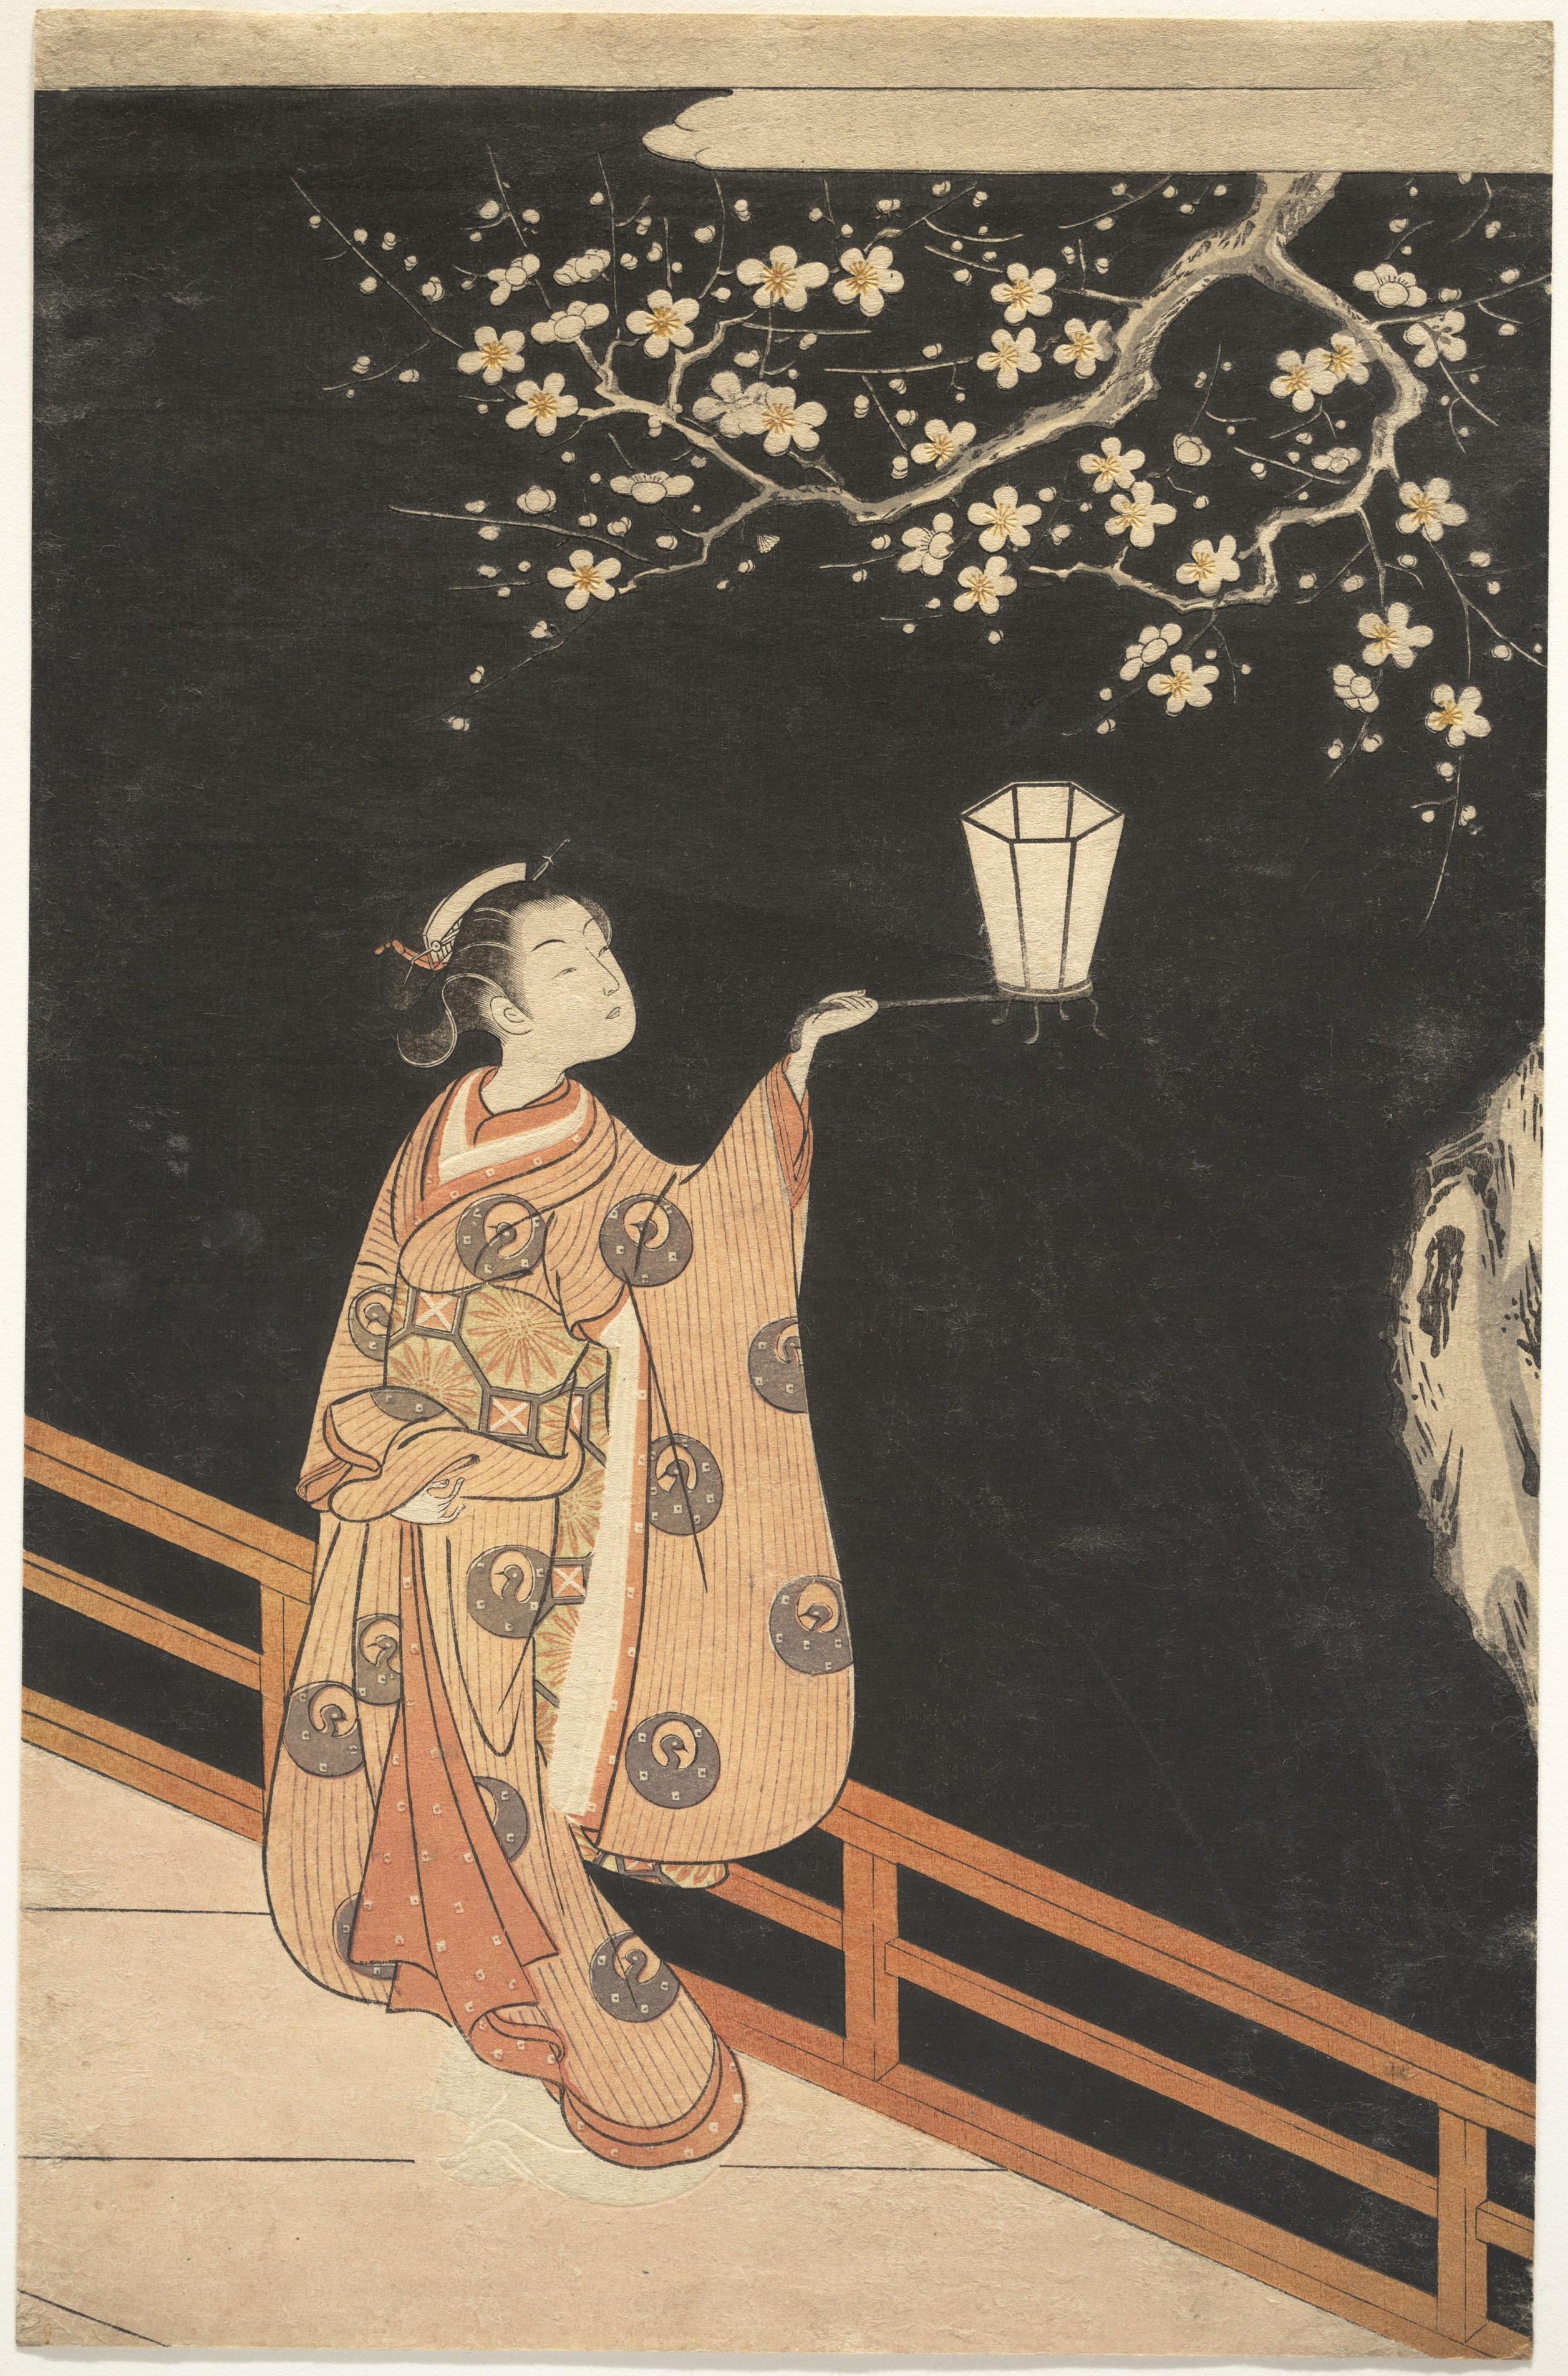 Suzuki Harunobu FileSuzuki Harunobu Woman Admiring Plum Blossoms at